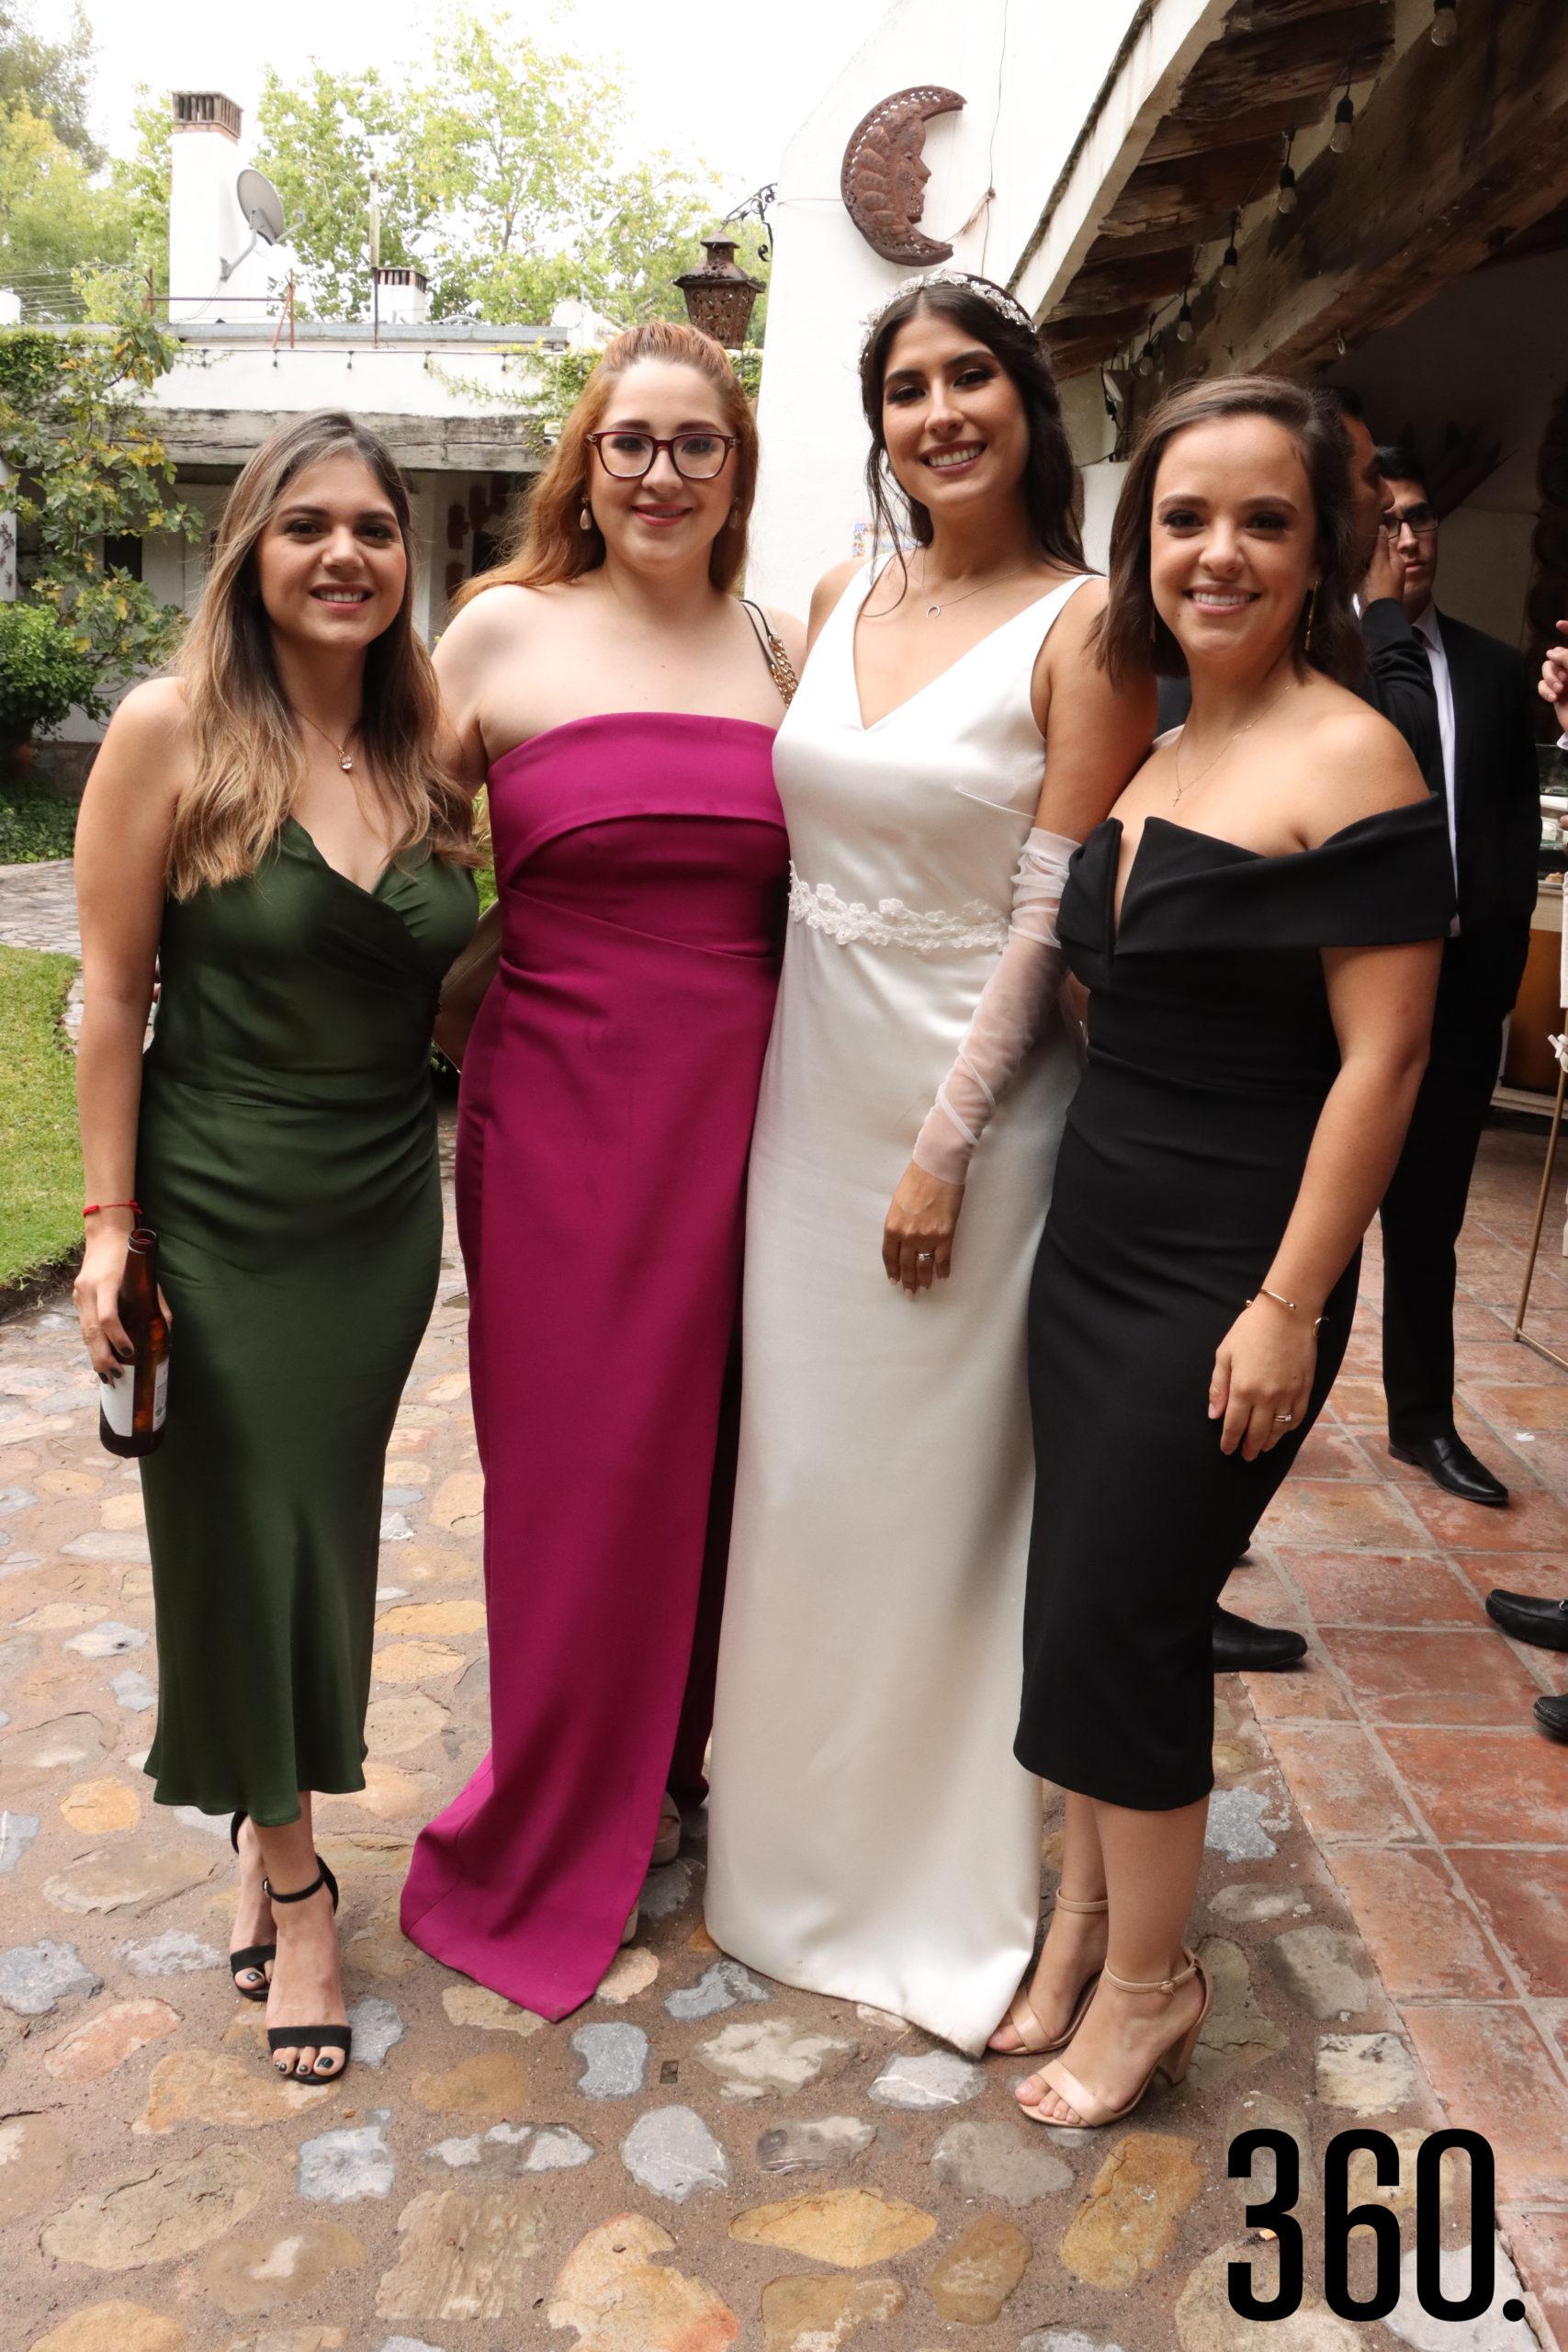 La feliz novia Karen Mijares Berumen con acompañada por Clara Lozano, Rosa Perea y Vero Valdés su madrina de anillos.